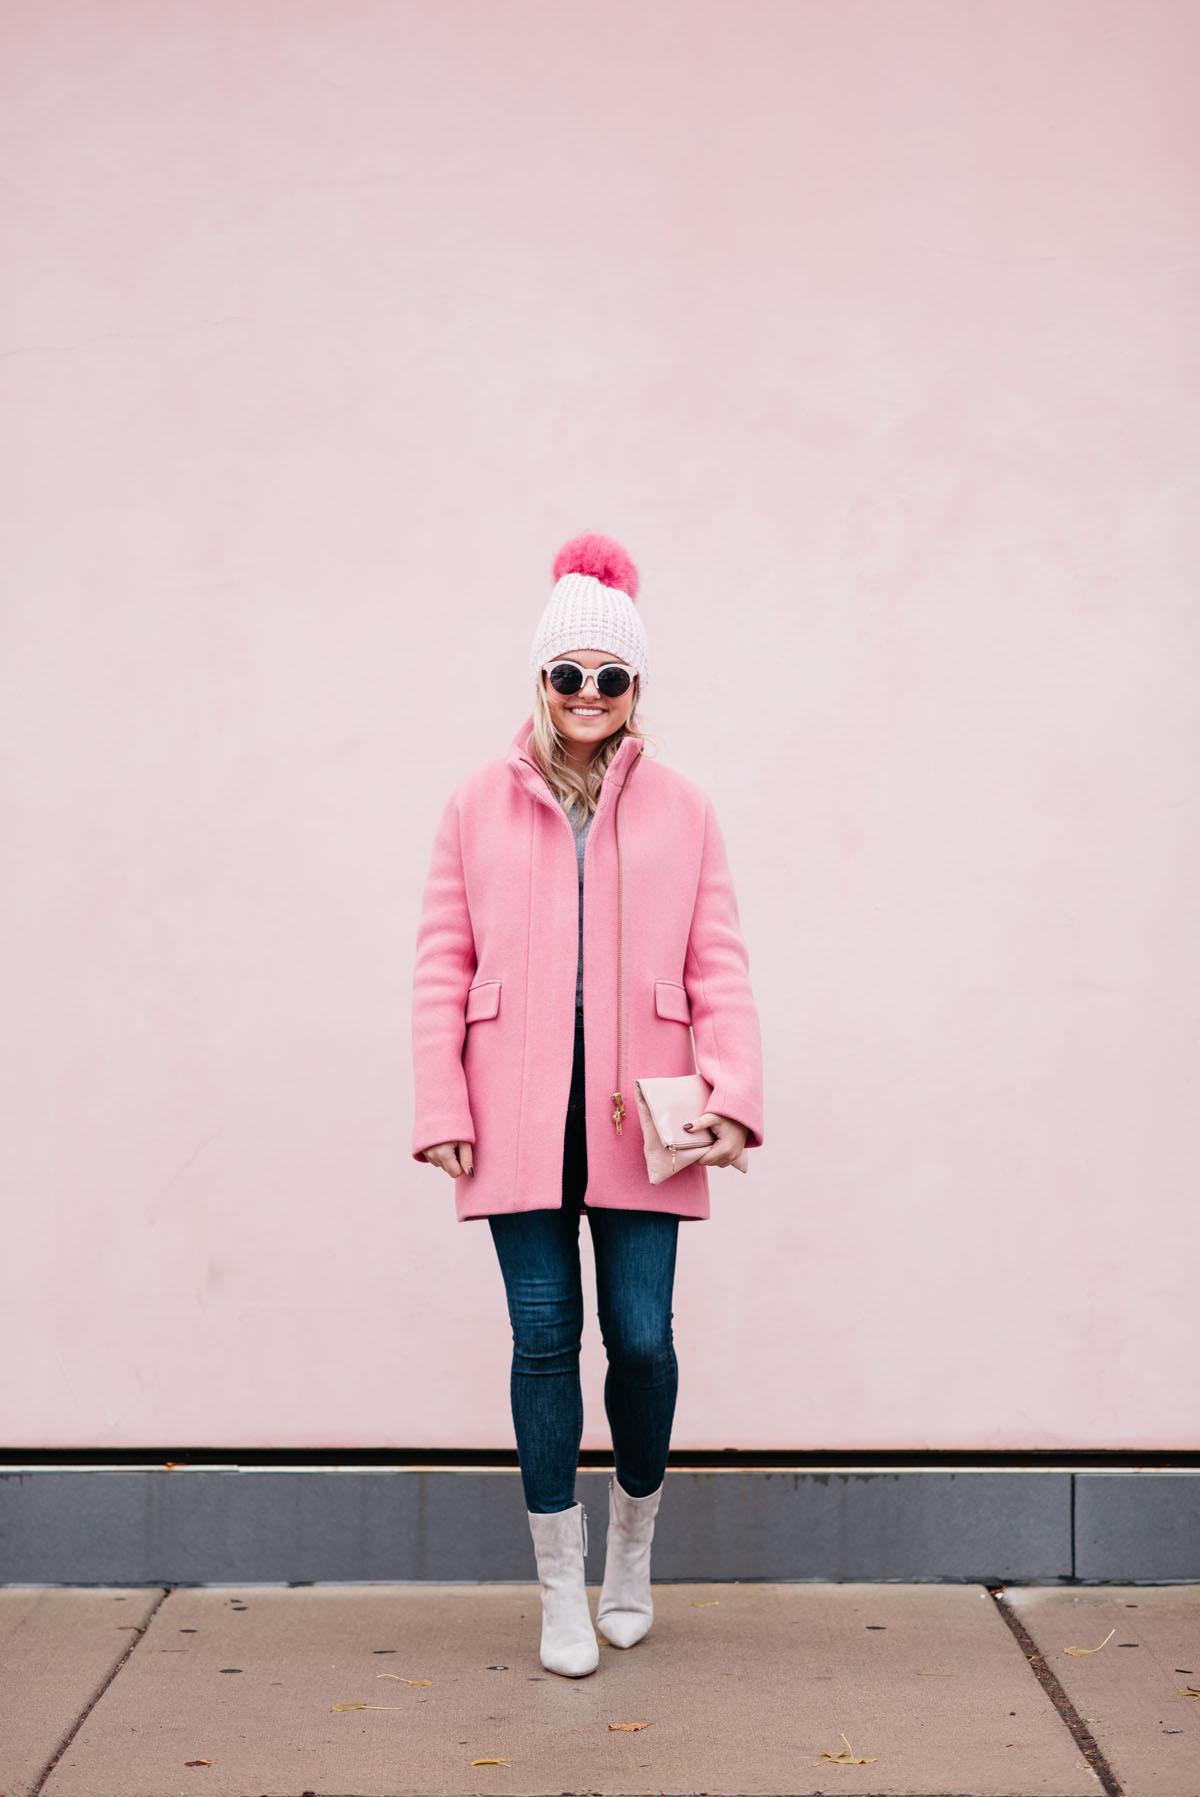 ba384c9293013 jcrew-pink-coat-skinny-jeans-suede-booties — bows   sequins